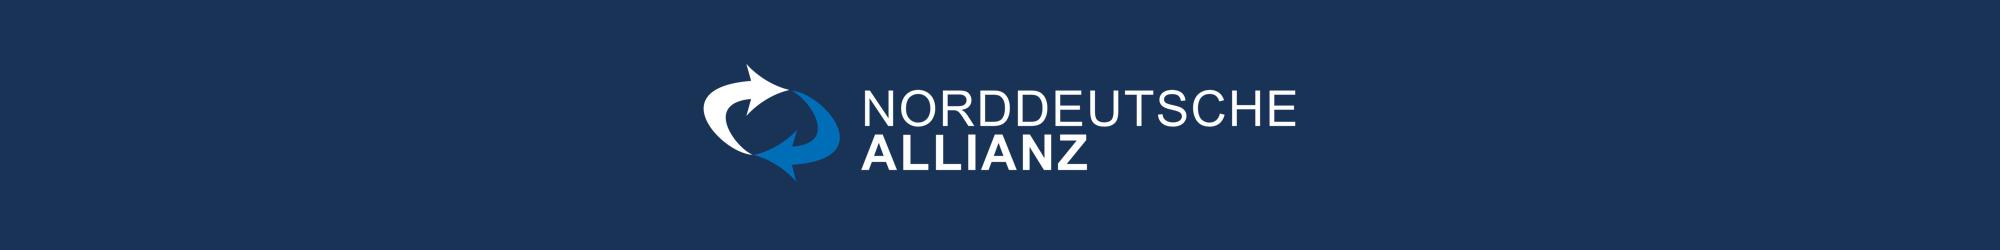 Norddeutsche Allianz